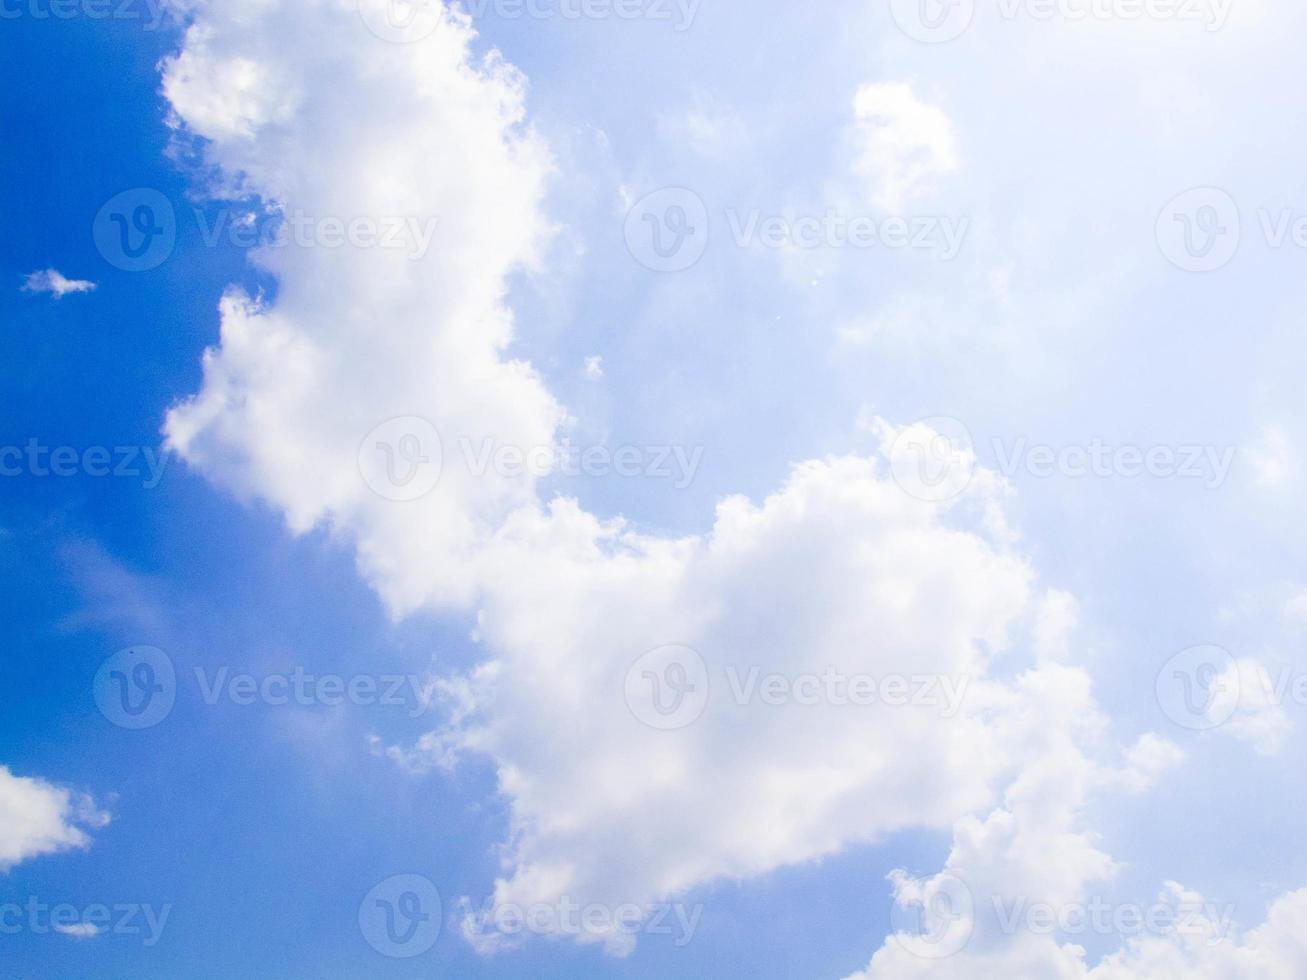 Himmel mit Wolken und Sonne foto